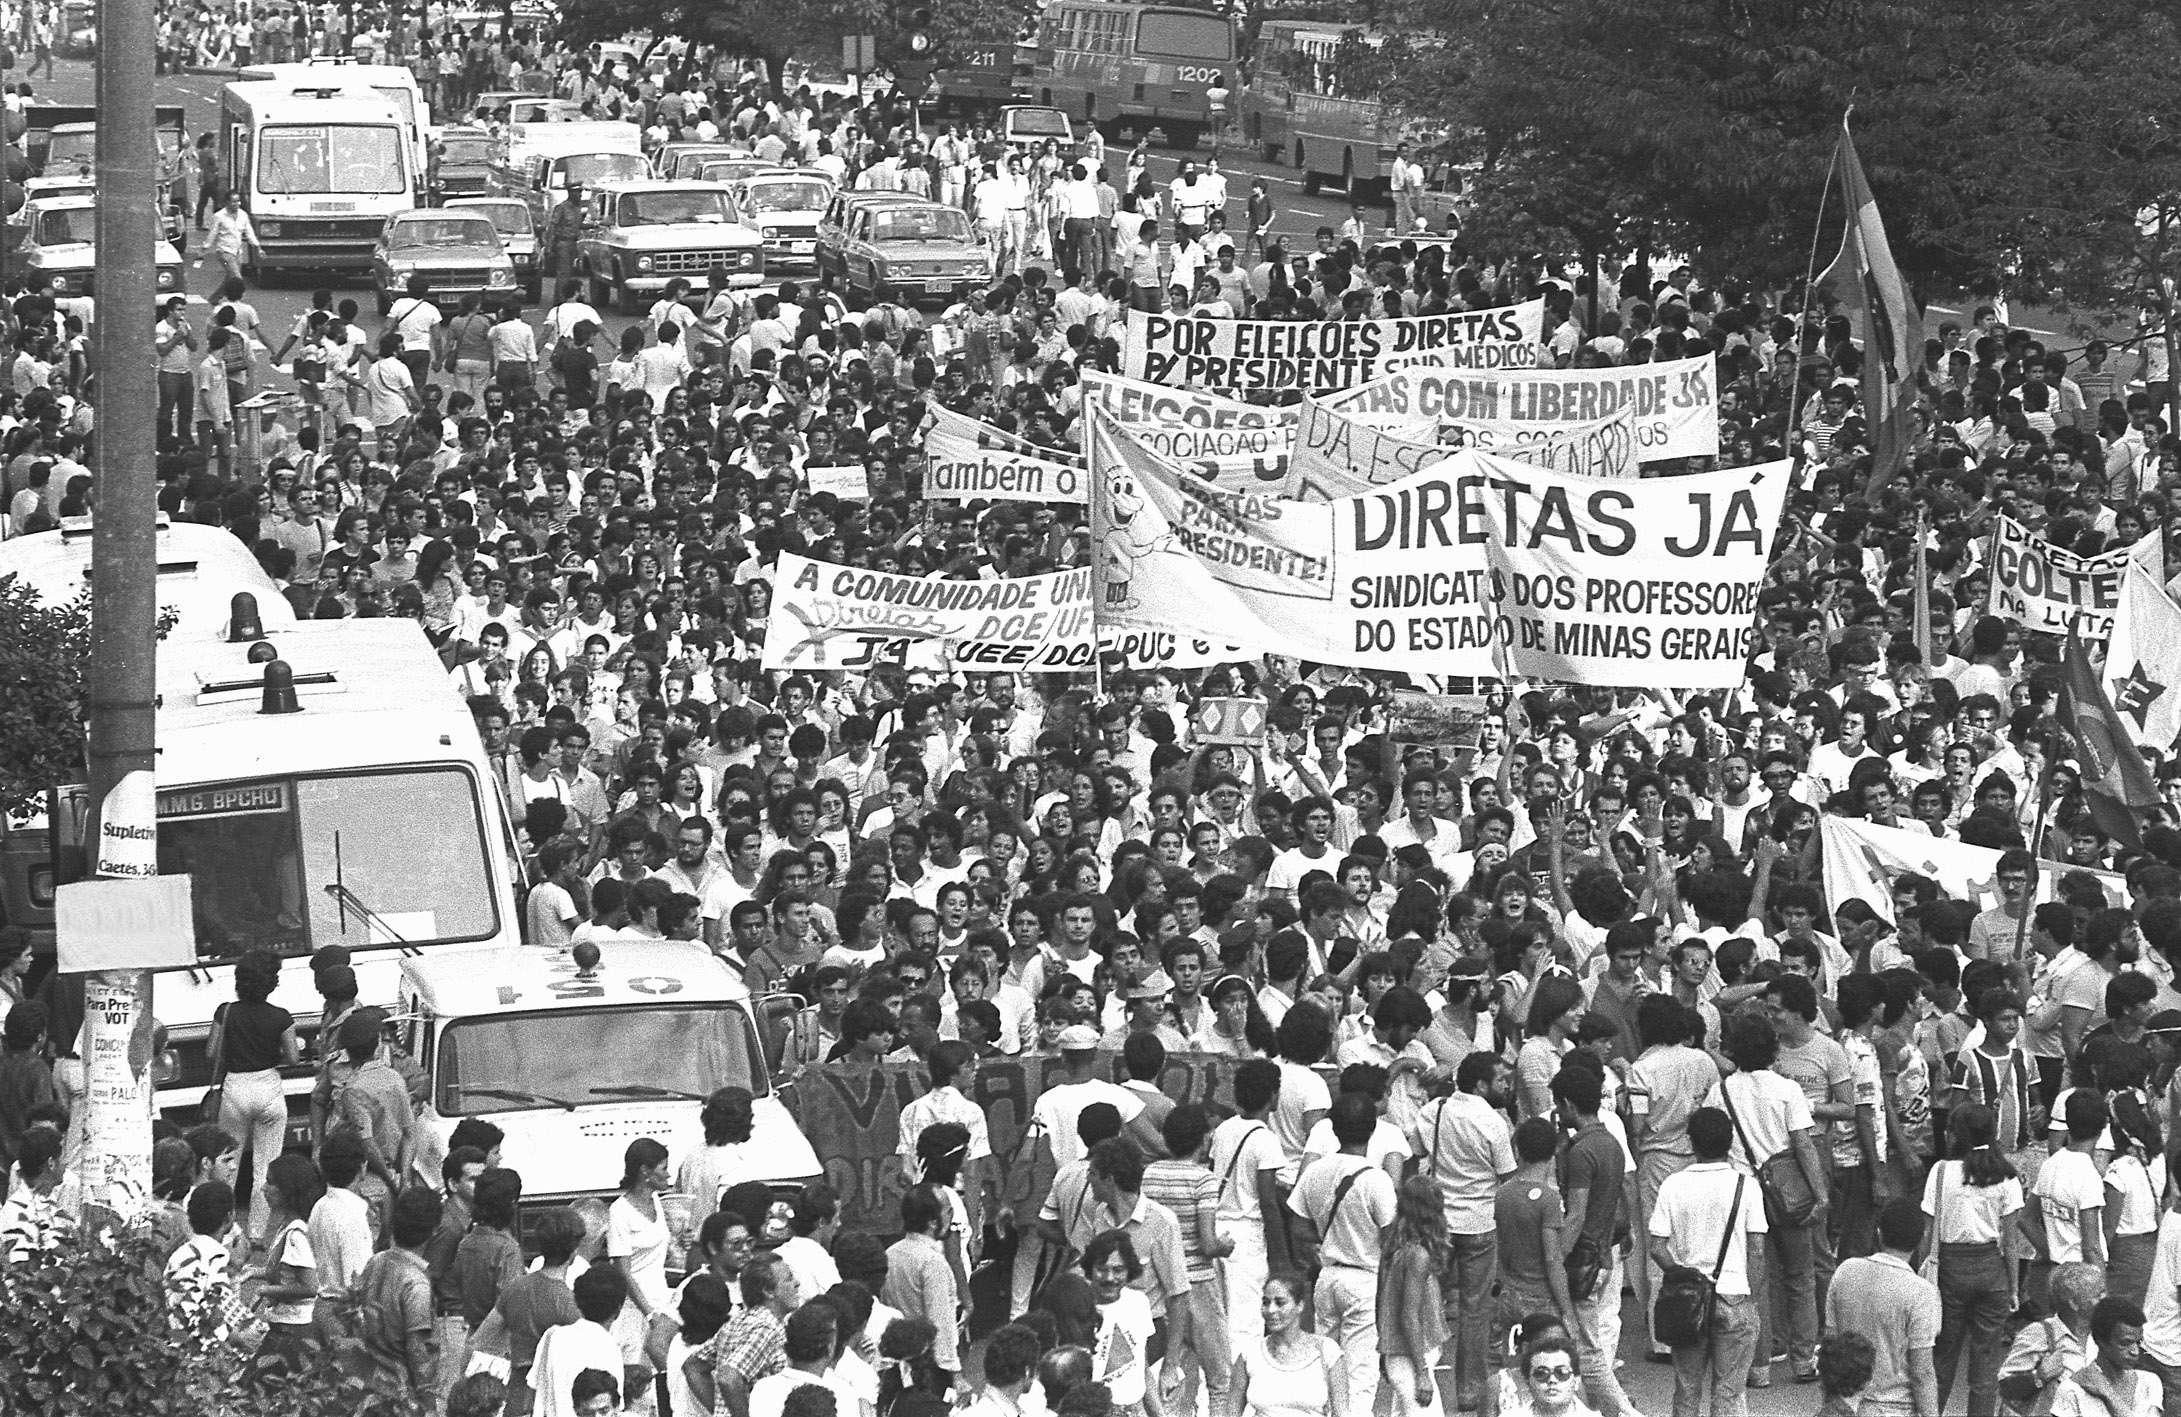 Foto representativa das Diretas Já. Reprodução Cinéfilos